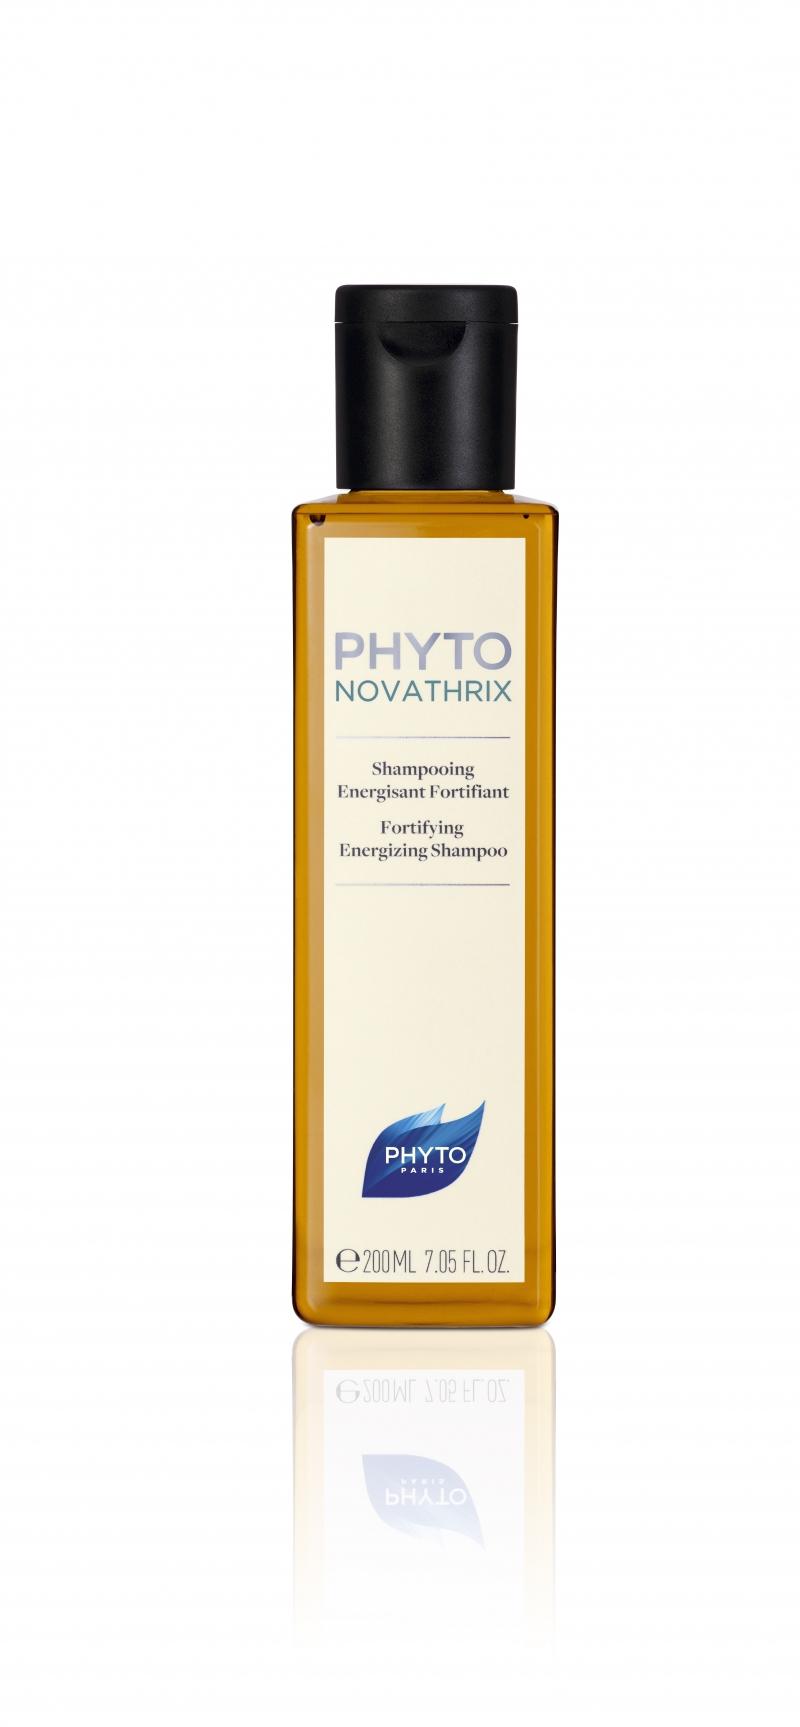 Phyto Фитоноватрикс Тонизирующий укрепляющий шампунь 200 мл (Phyto, Средства против выпадения волос) средства против беременности